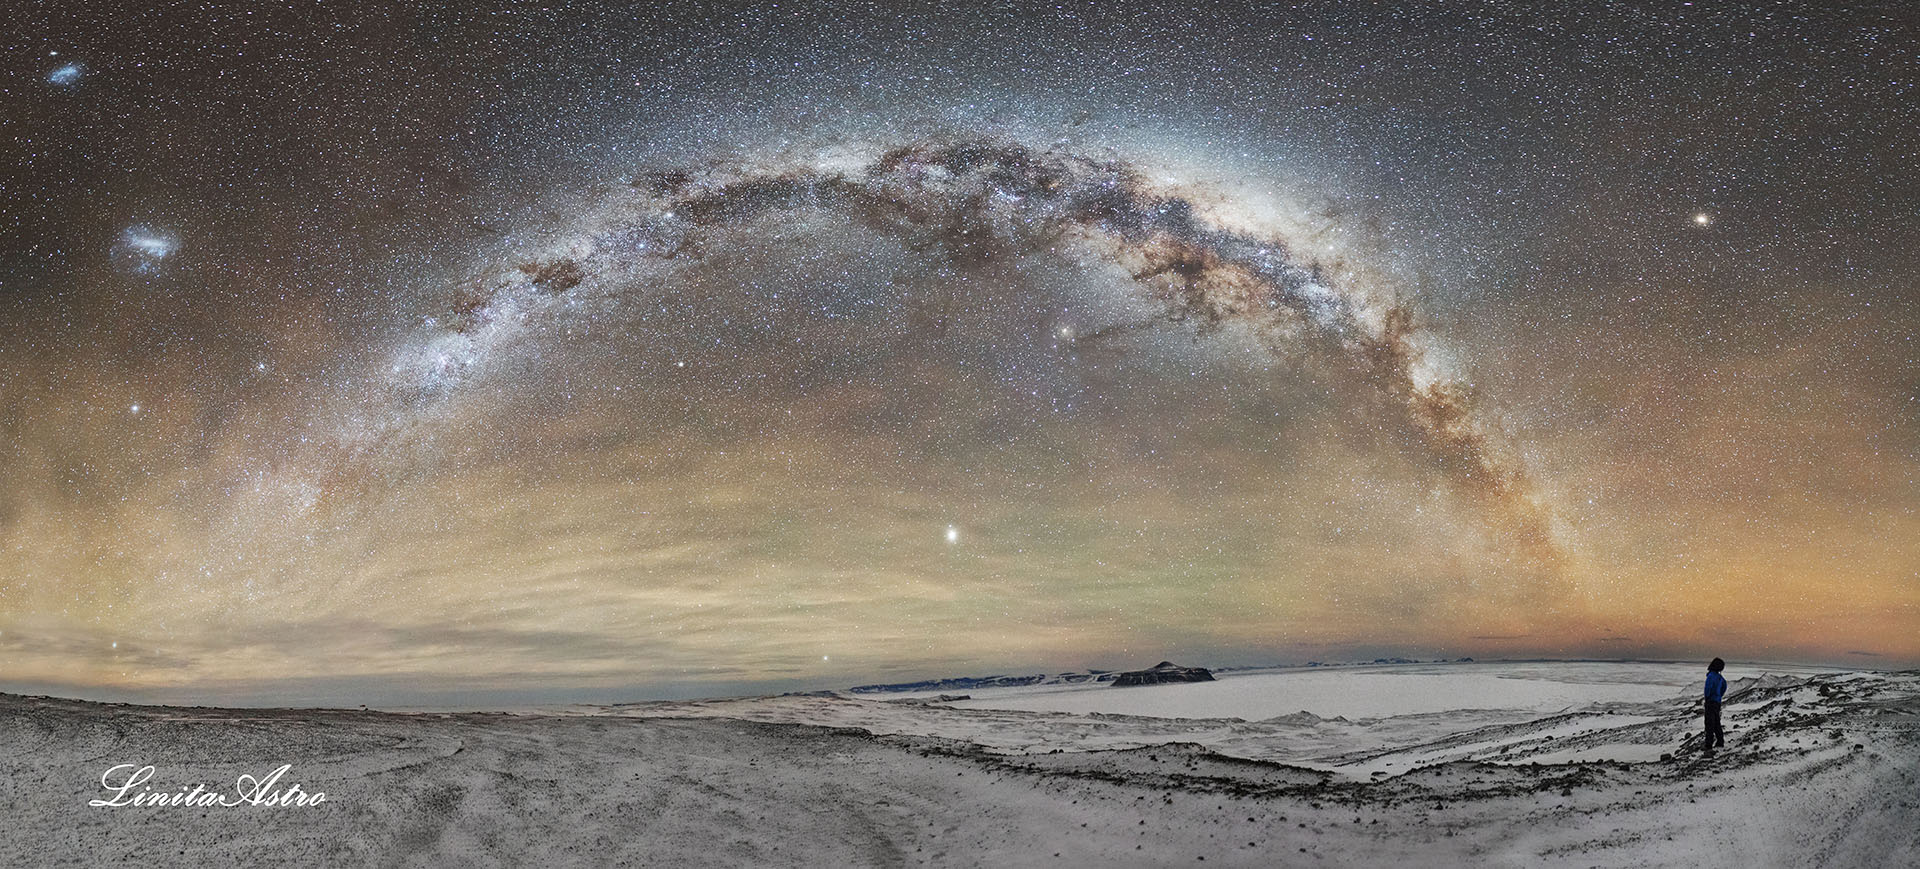 """Isla Cockburn:""""La foto fue hecha durante una noche soñada de junio, con temperaturas agradables, viento casi calmo y cielo despejado. Se ven Júpiter y Marte, dos galaxias vecinas (los dos manchones blancos arriba a la izquierda), la nube mayor y menor de Magallanes y el brazo galáctico. El mar de Weddell en su momento de máxima congelación y la isla Cockburn (al centro)."""